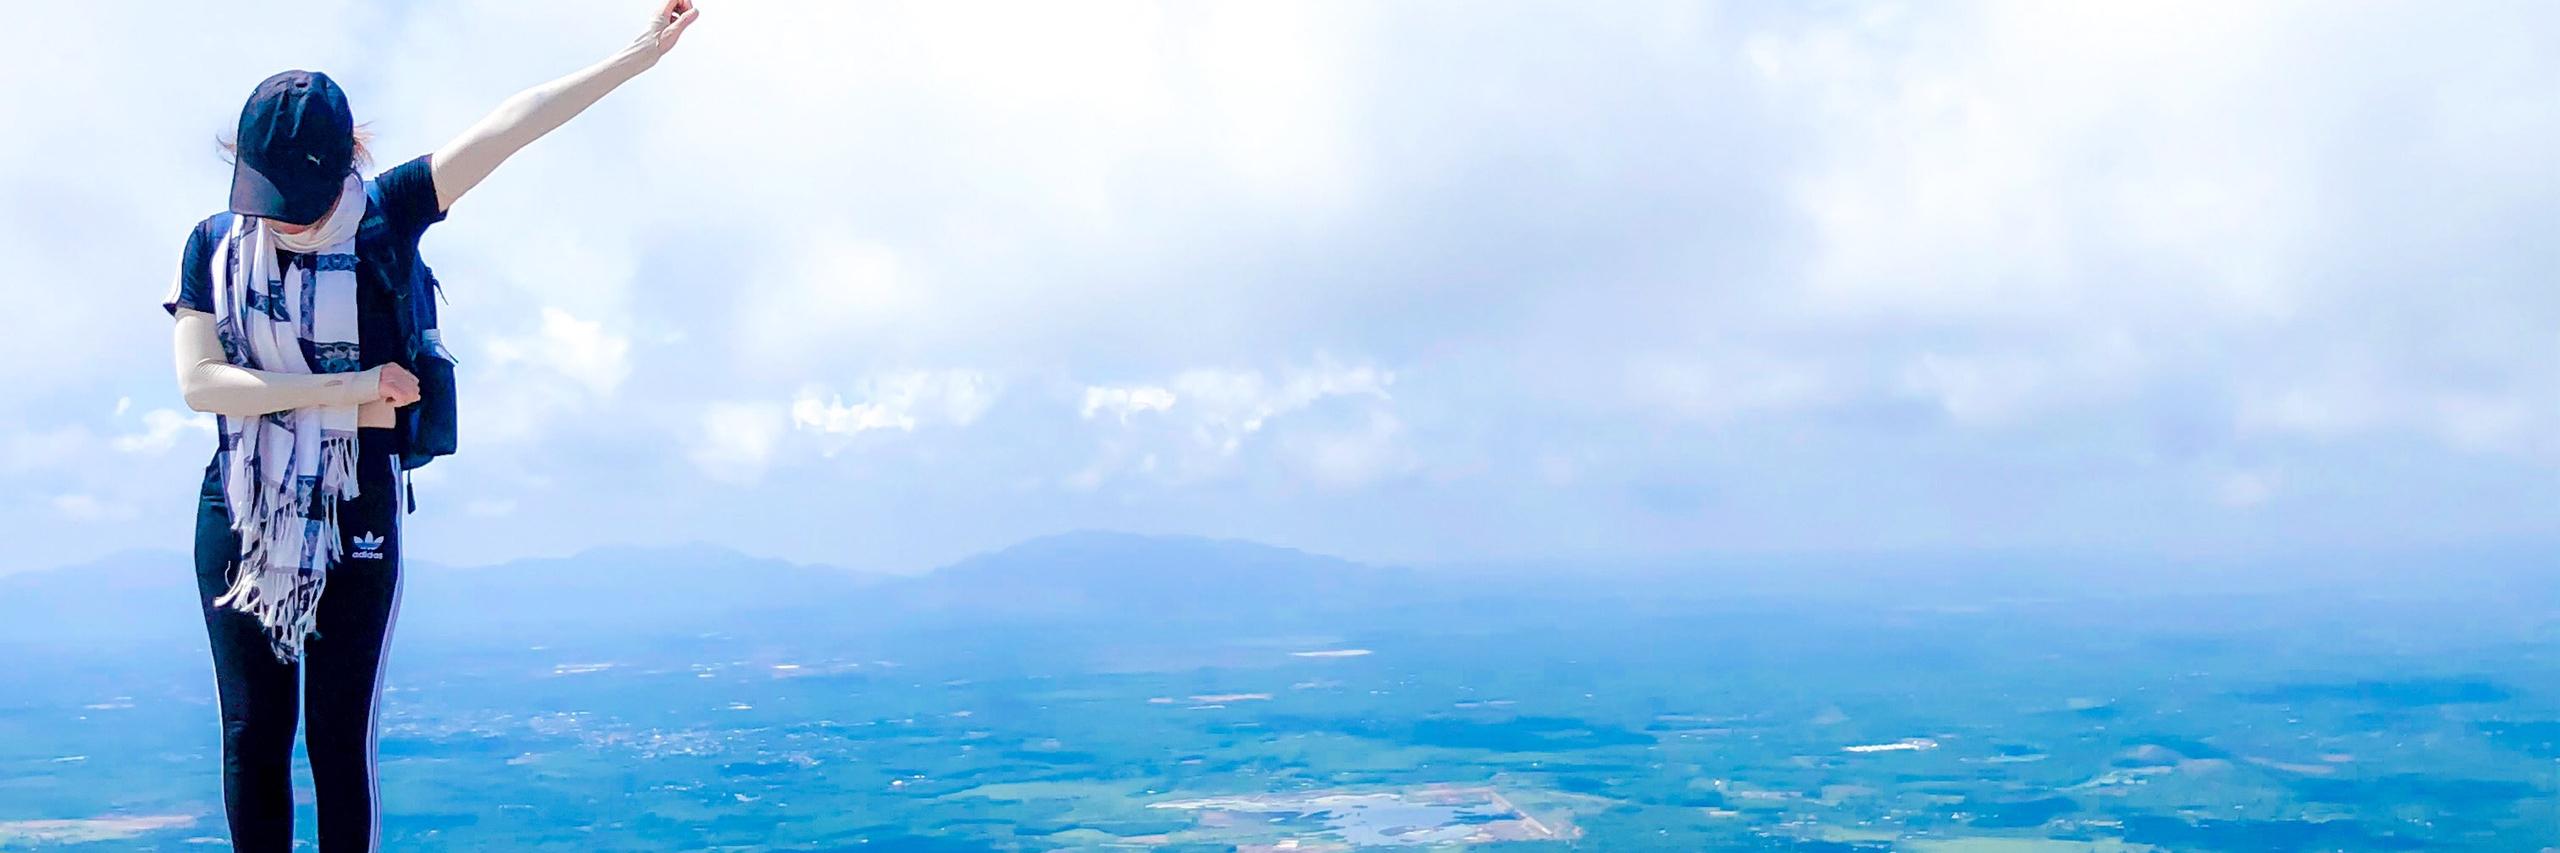 https://gody.vn/blog/huynhthu999937253/post/trekking-nui-chua-chan-62020-7506